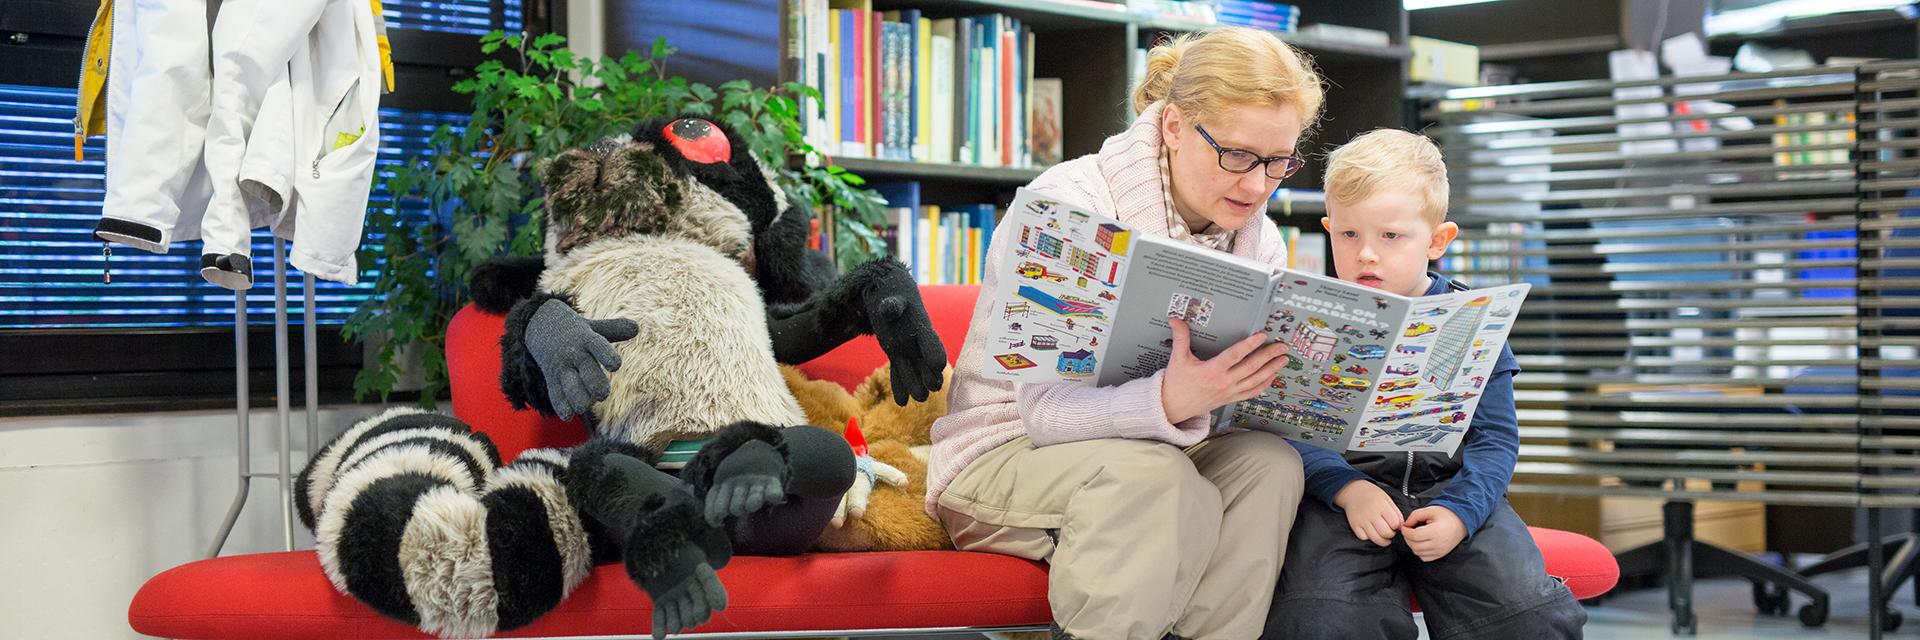 Nainen ja lapsi istuvat punaisella sohvalla. Naisella kädessä iso kuvakirja, jota tutkailevat yhdessä.